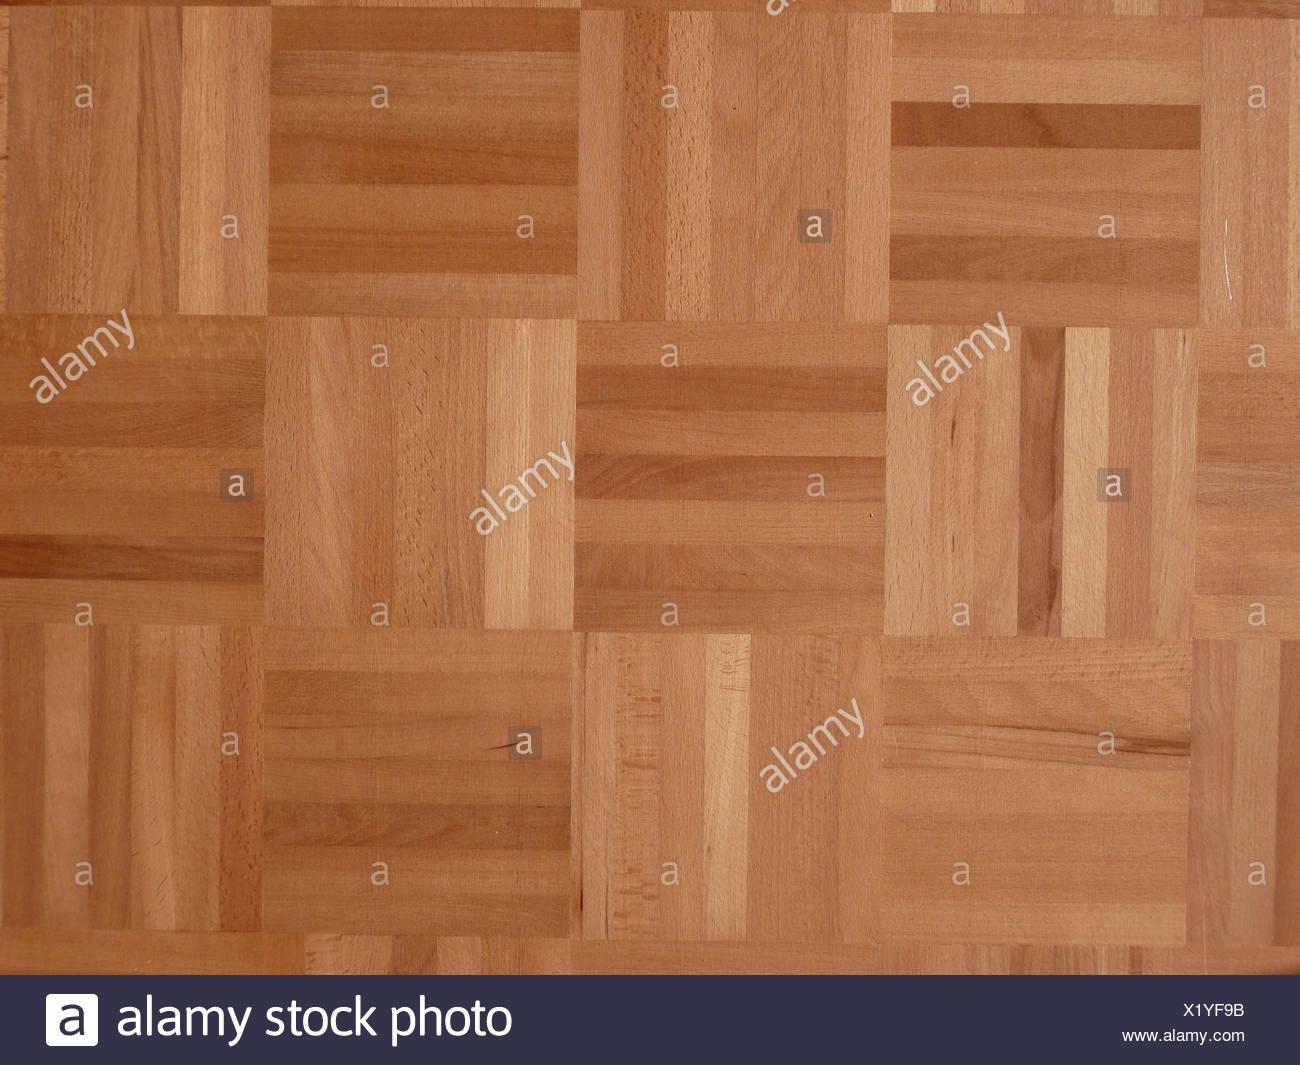 Fußbodenbelag Eiche ~ Großhandel eiche schlafzimmer laminat laminat bodenbelag teppich